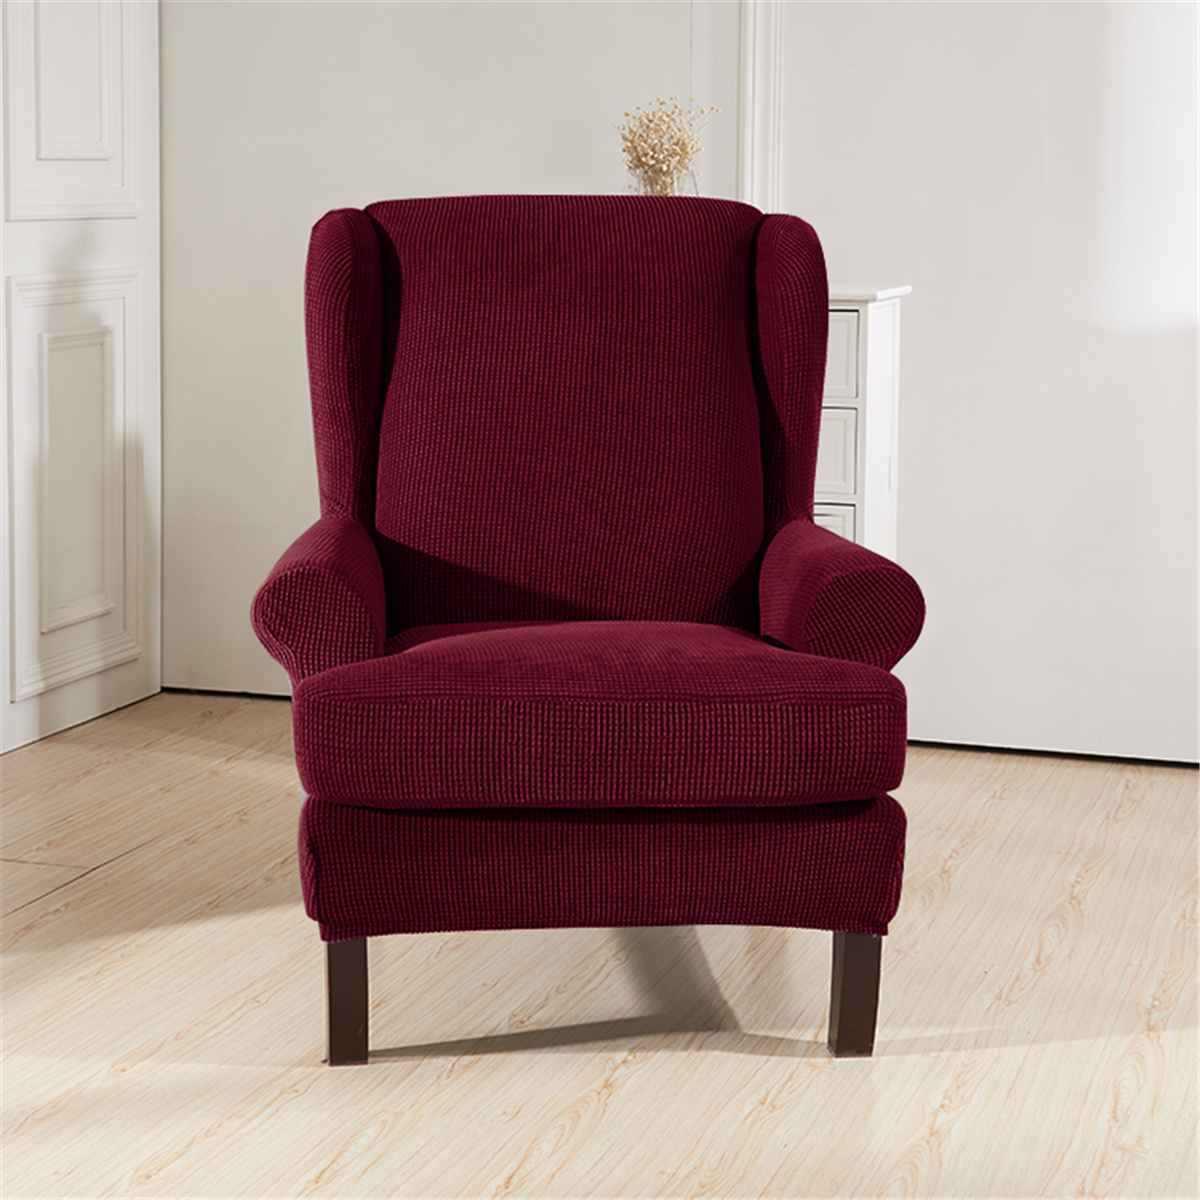 وينجباك المنحدرة الذراع الملك غطاء مقعد الظهر مرونة كرسي الجناح أريكة غطاء مقعد الخلفي تمتد حامي زلة غطاء حامي